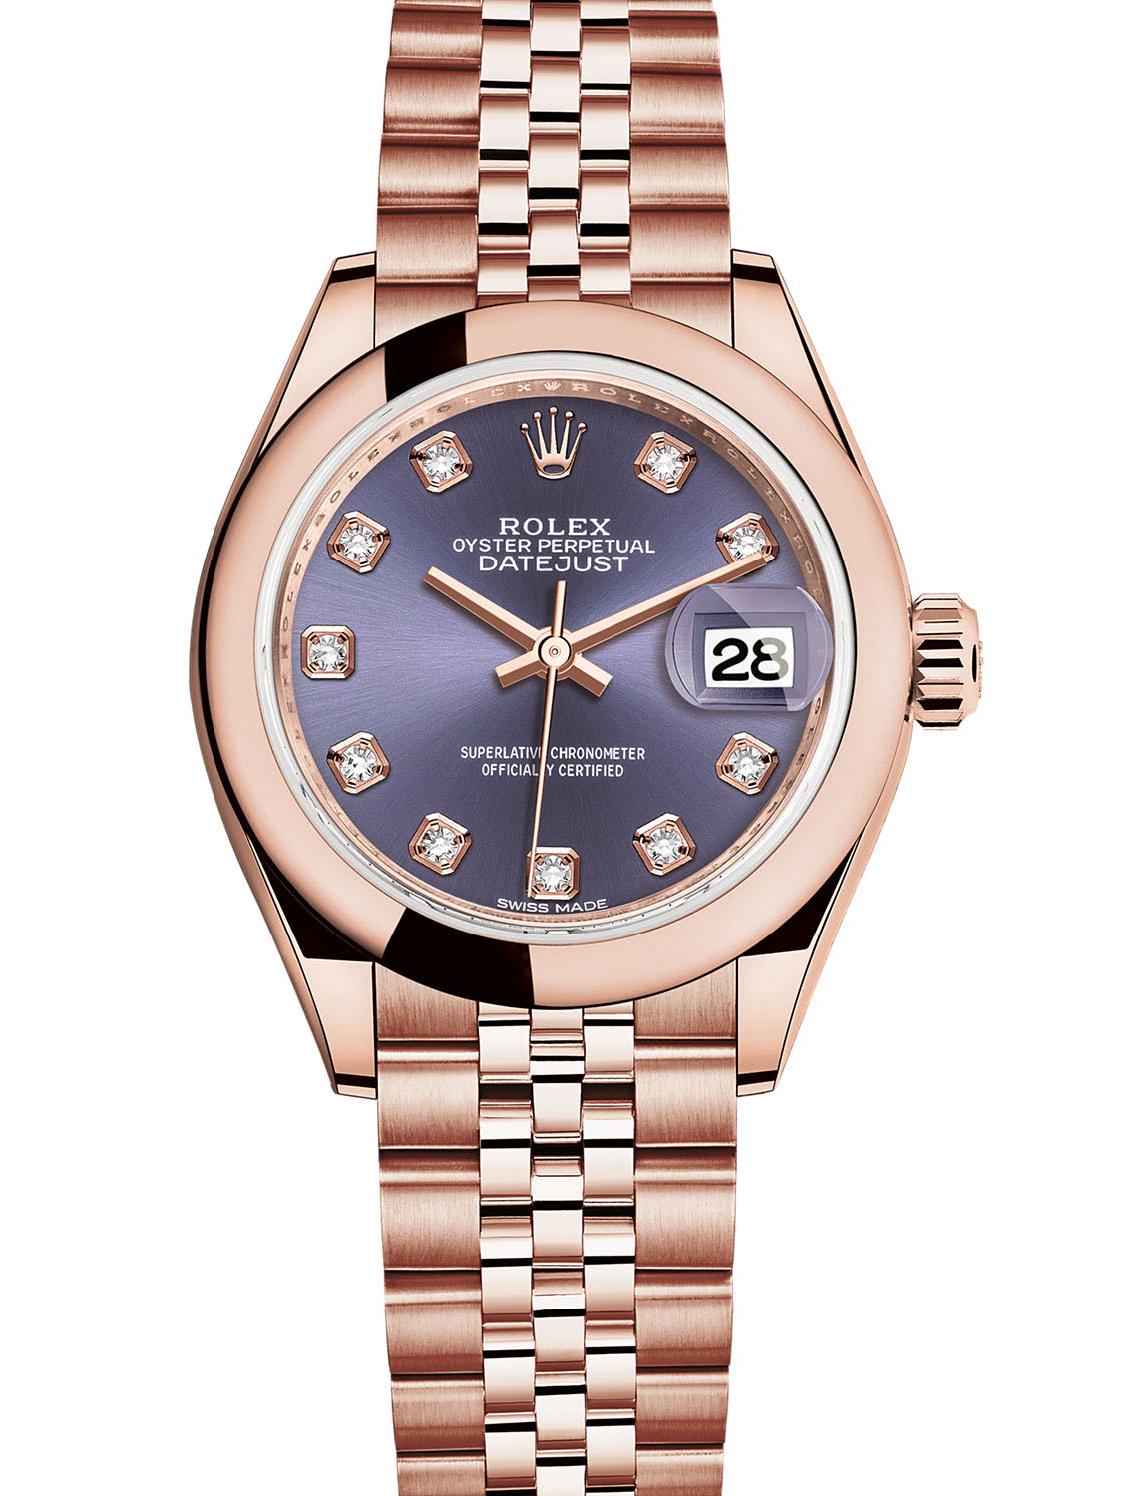 劳力士女装日志型28玫瑰金紫面钻标女表279165-0020